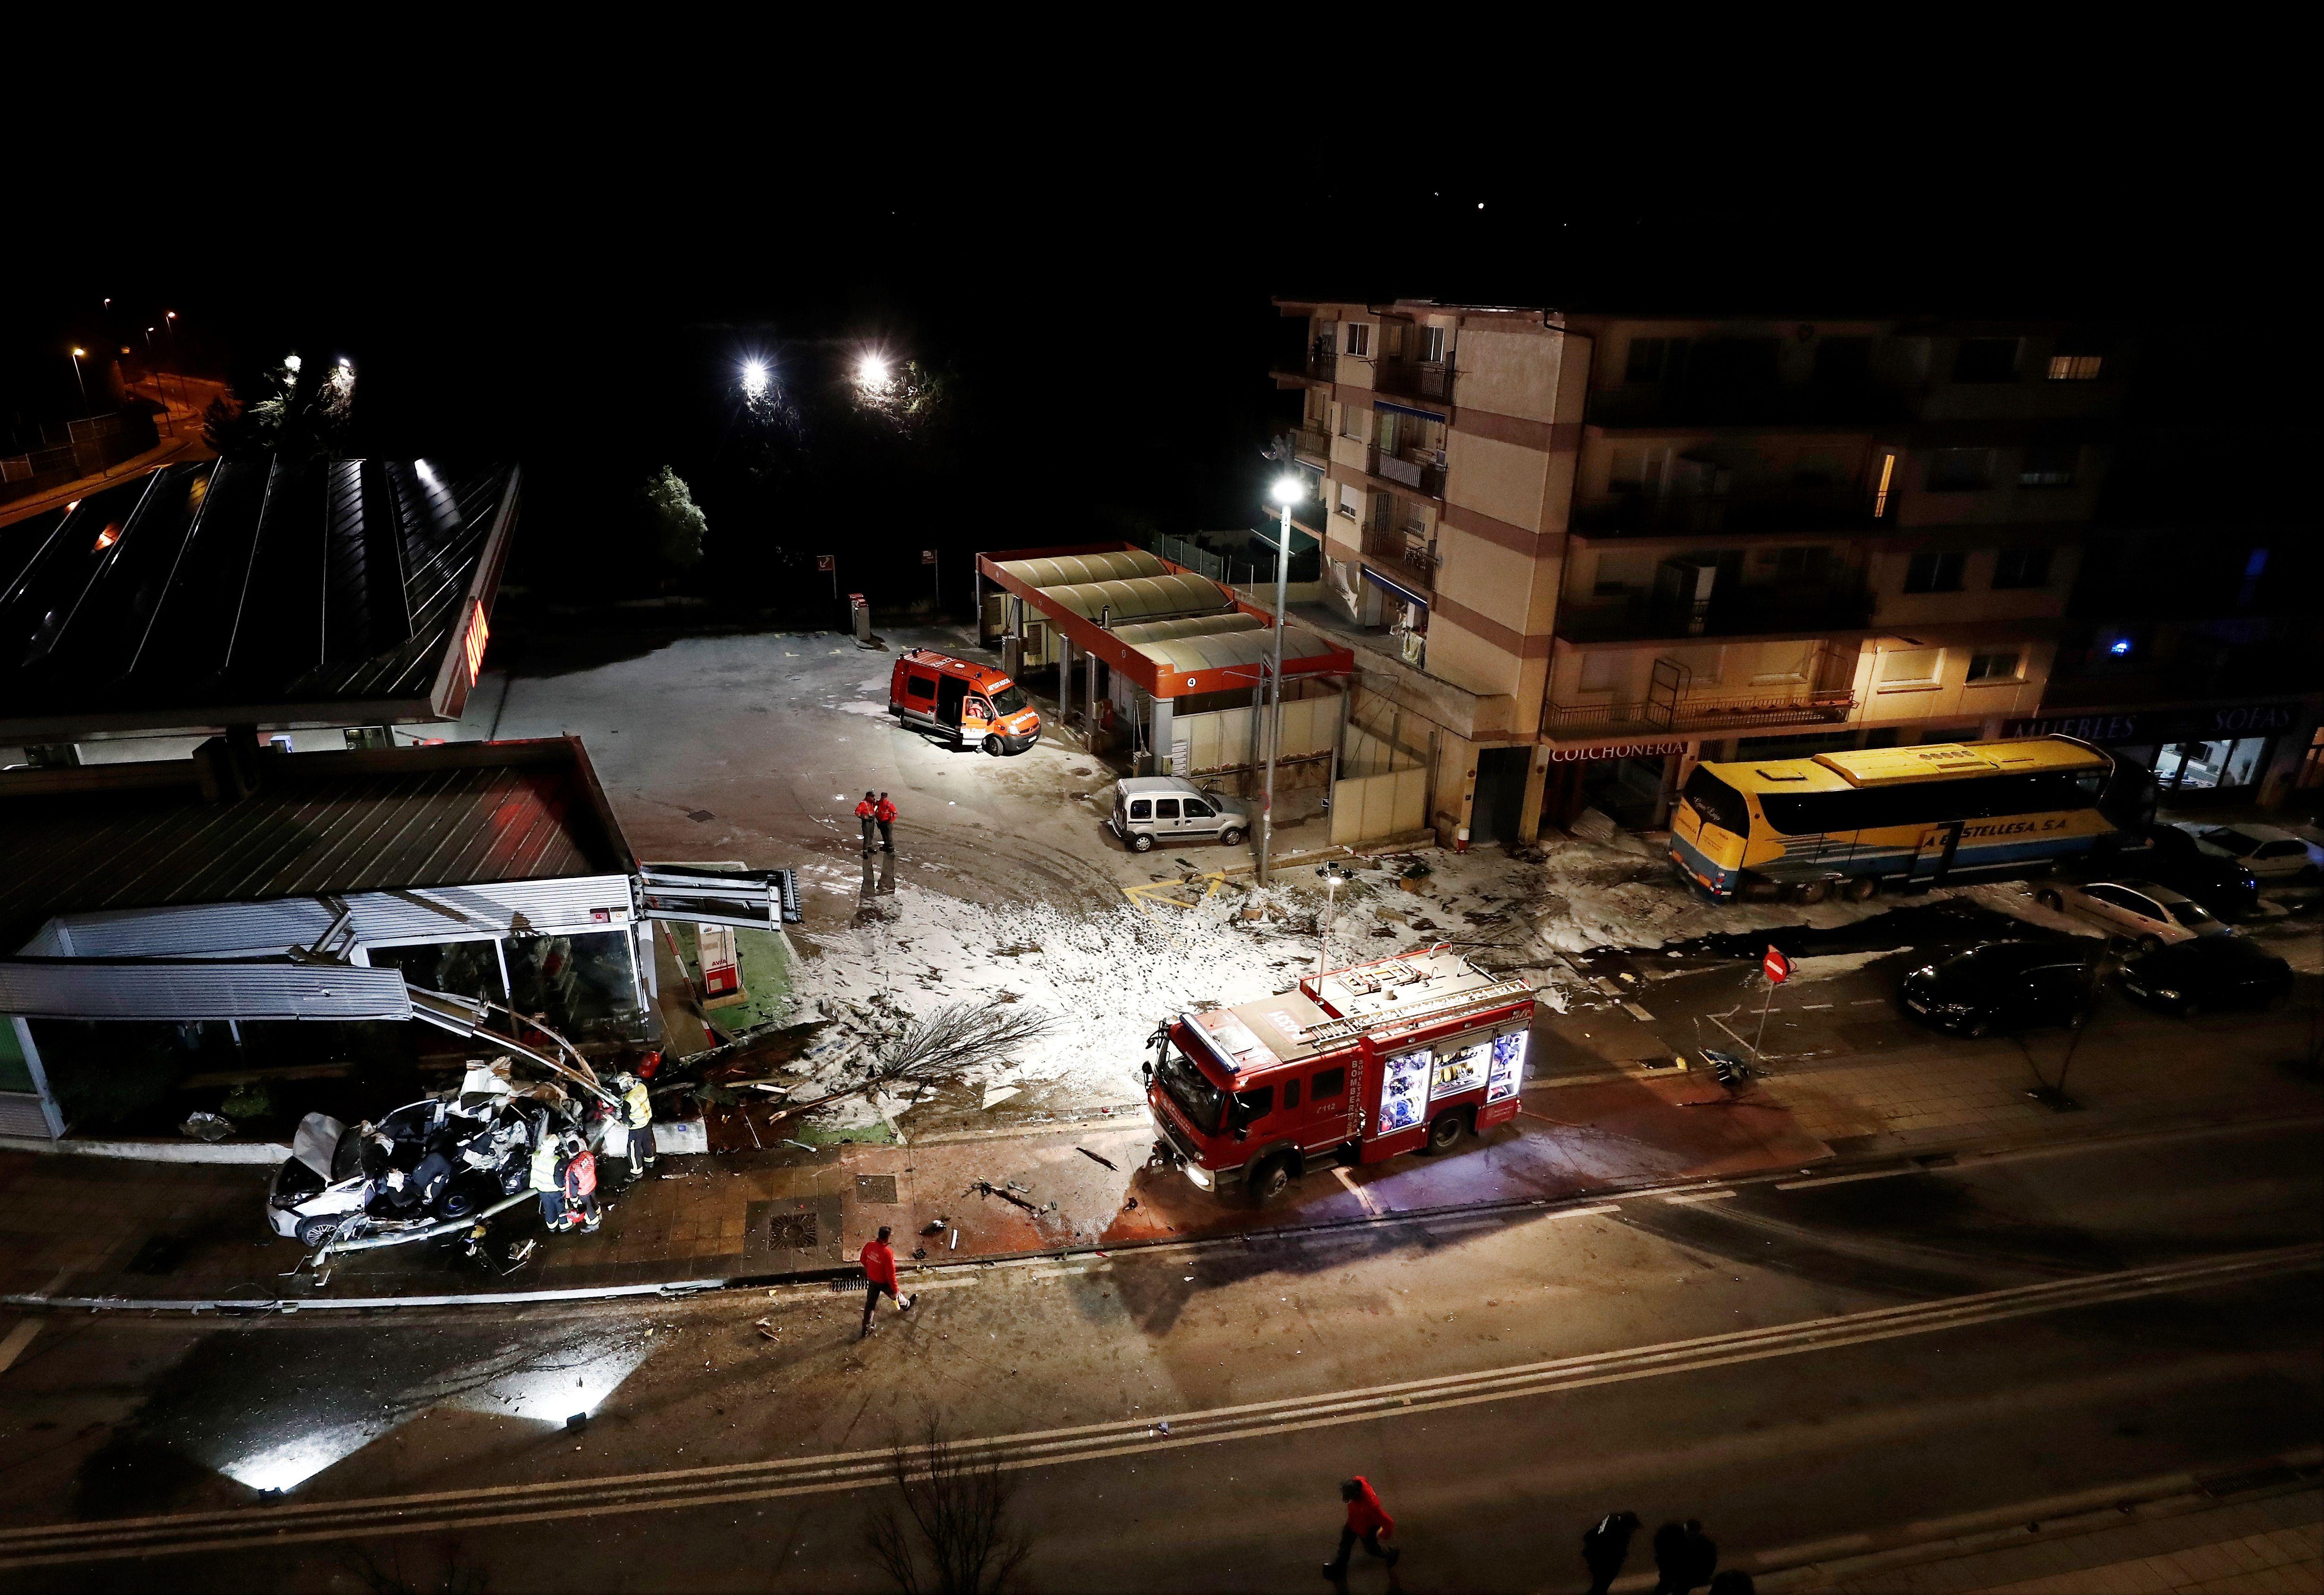 Mueren dos hermanos de 5 y 8 años tras ser arrollados por un autobús en Estella